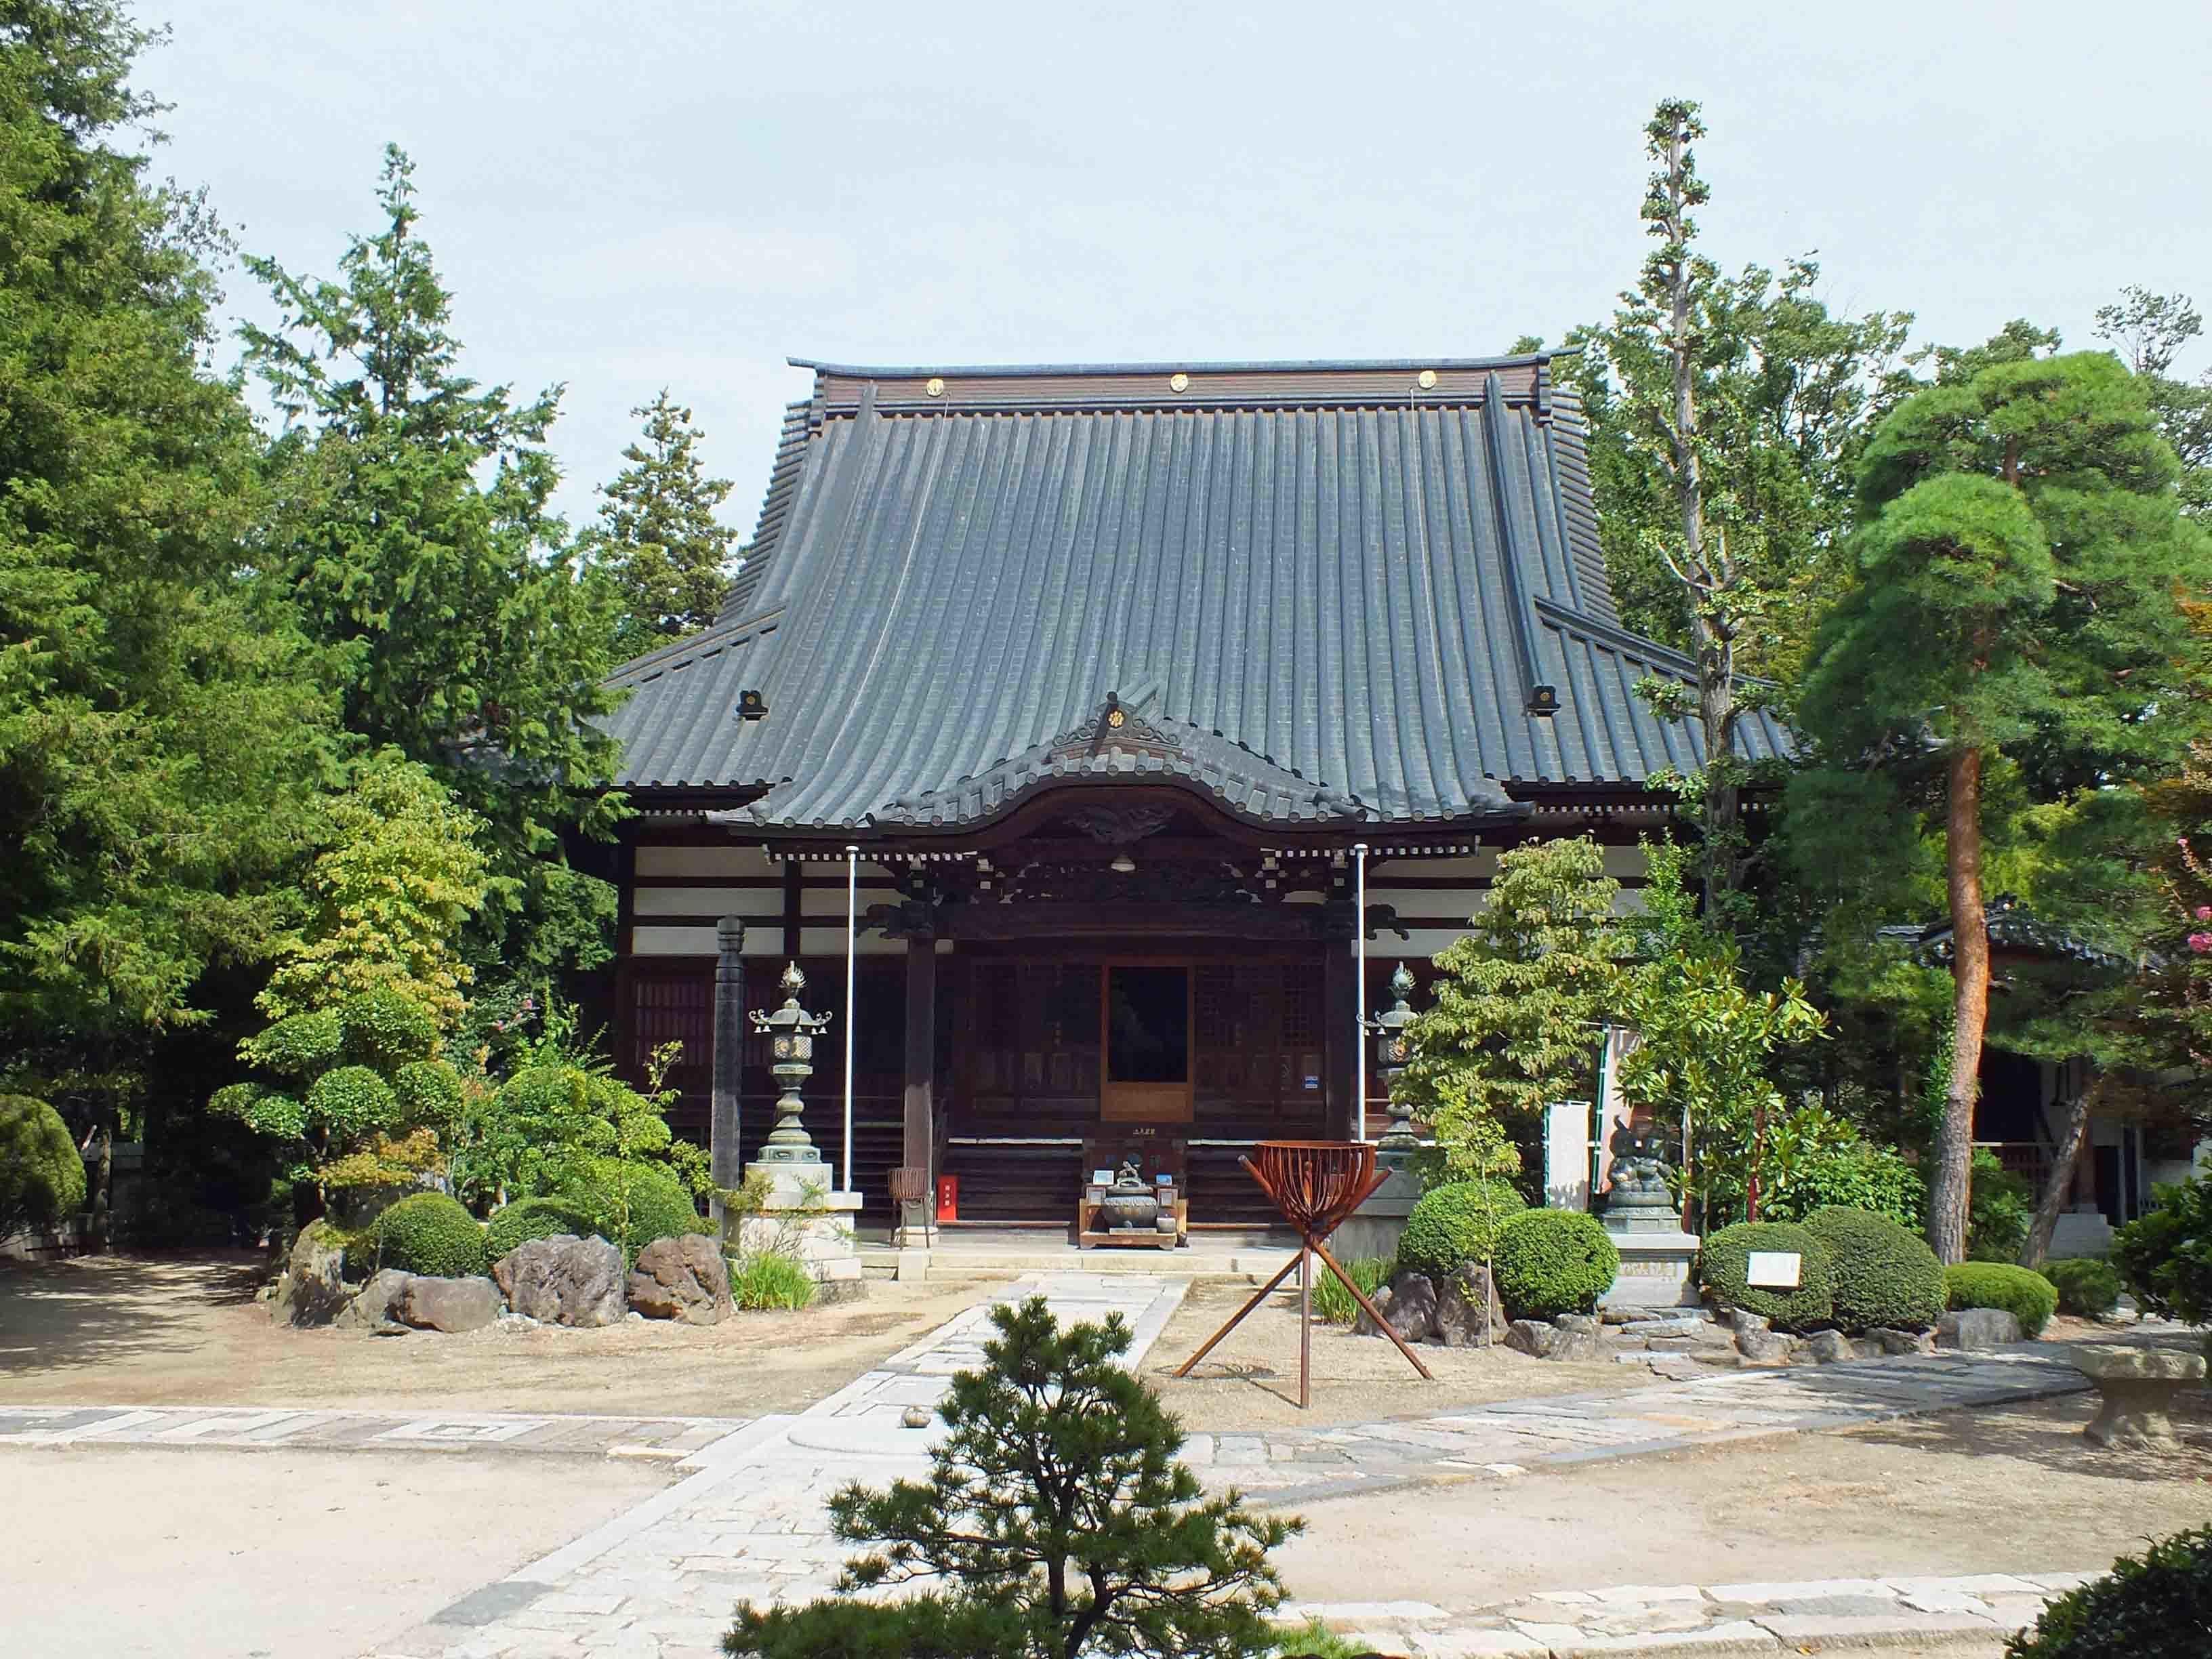 DSCF5486法蔵寺本堂